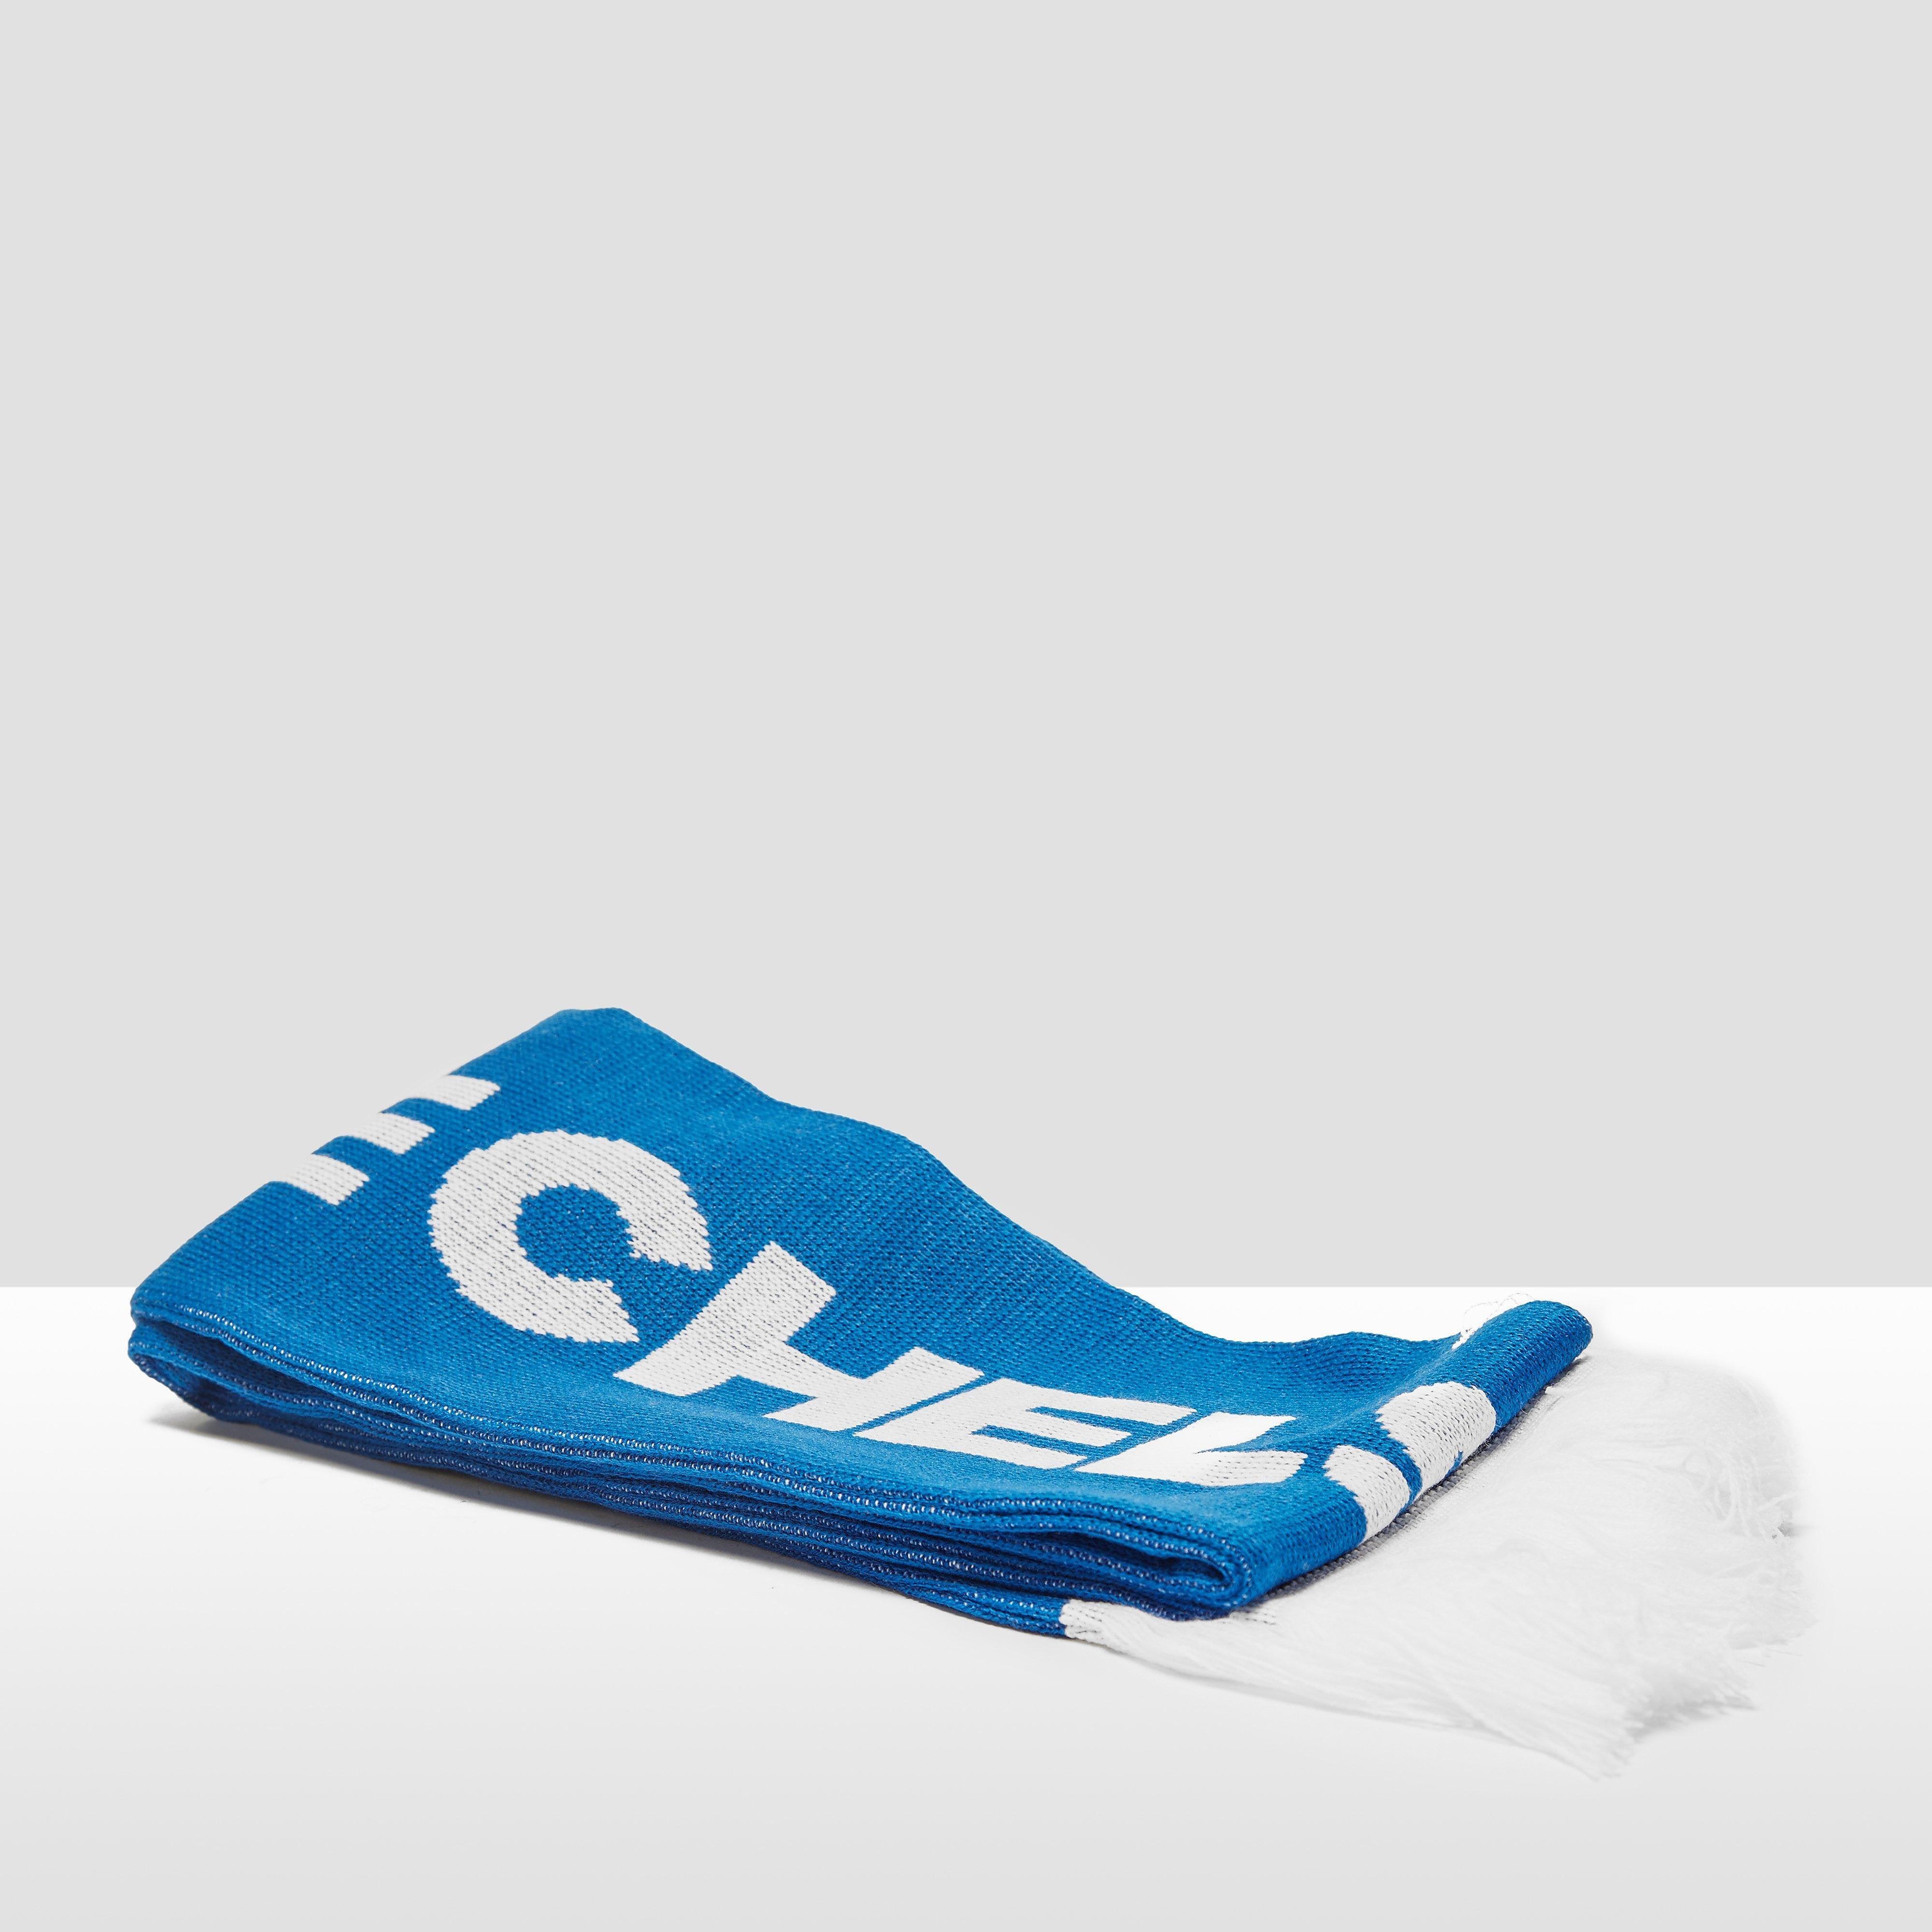 ADIDAS CHELSEA FC SJAAL BLAUW